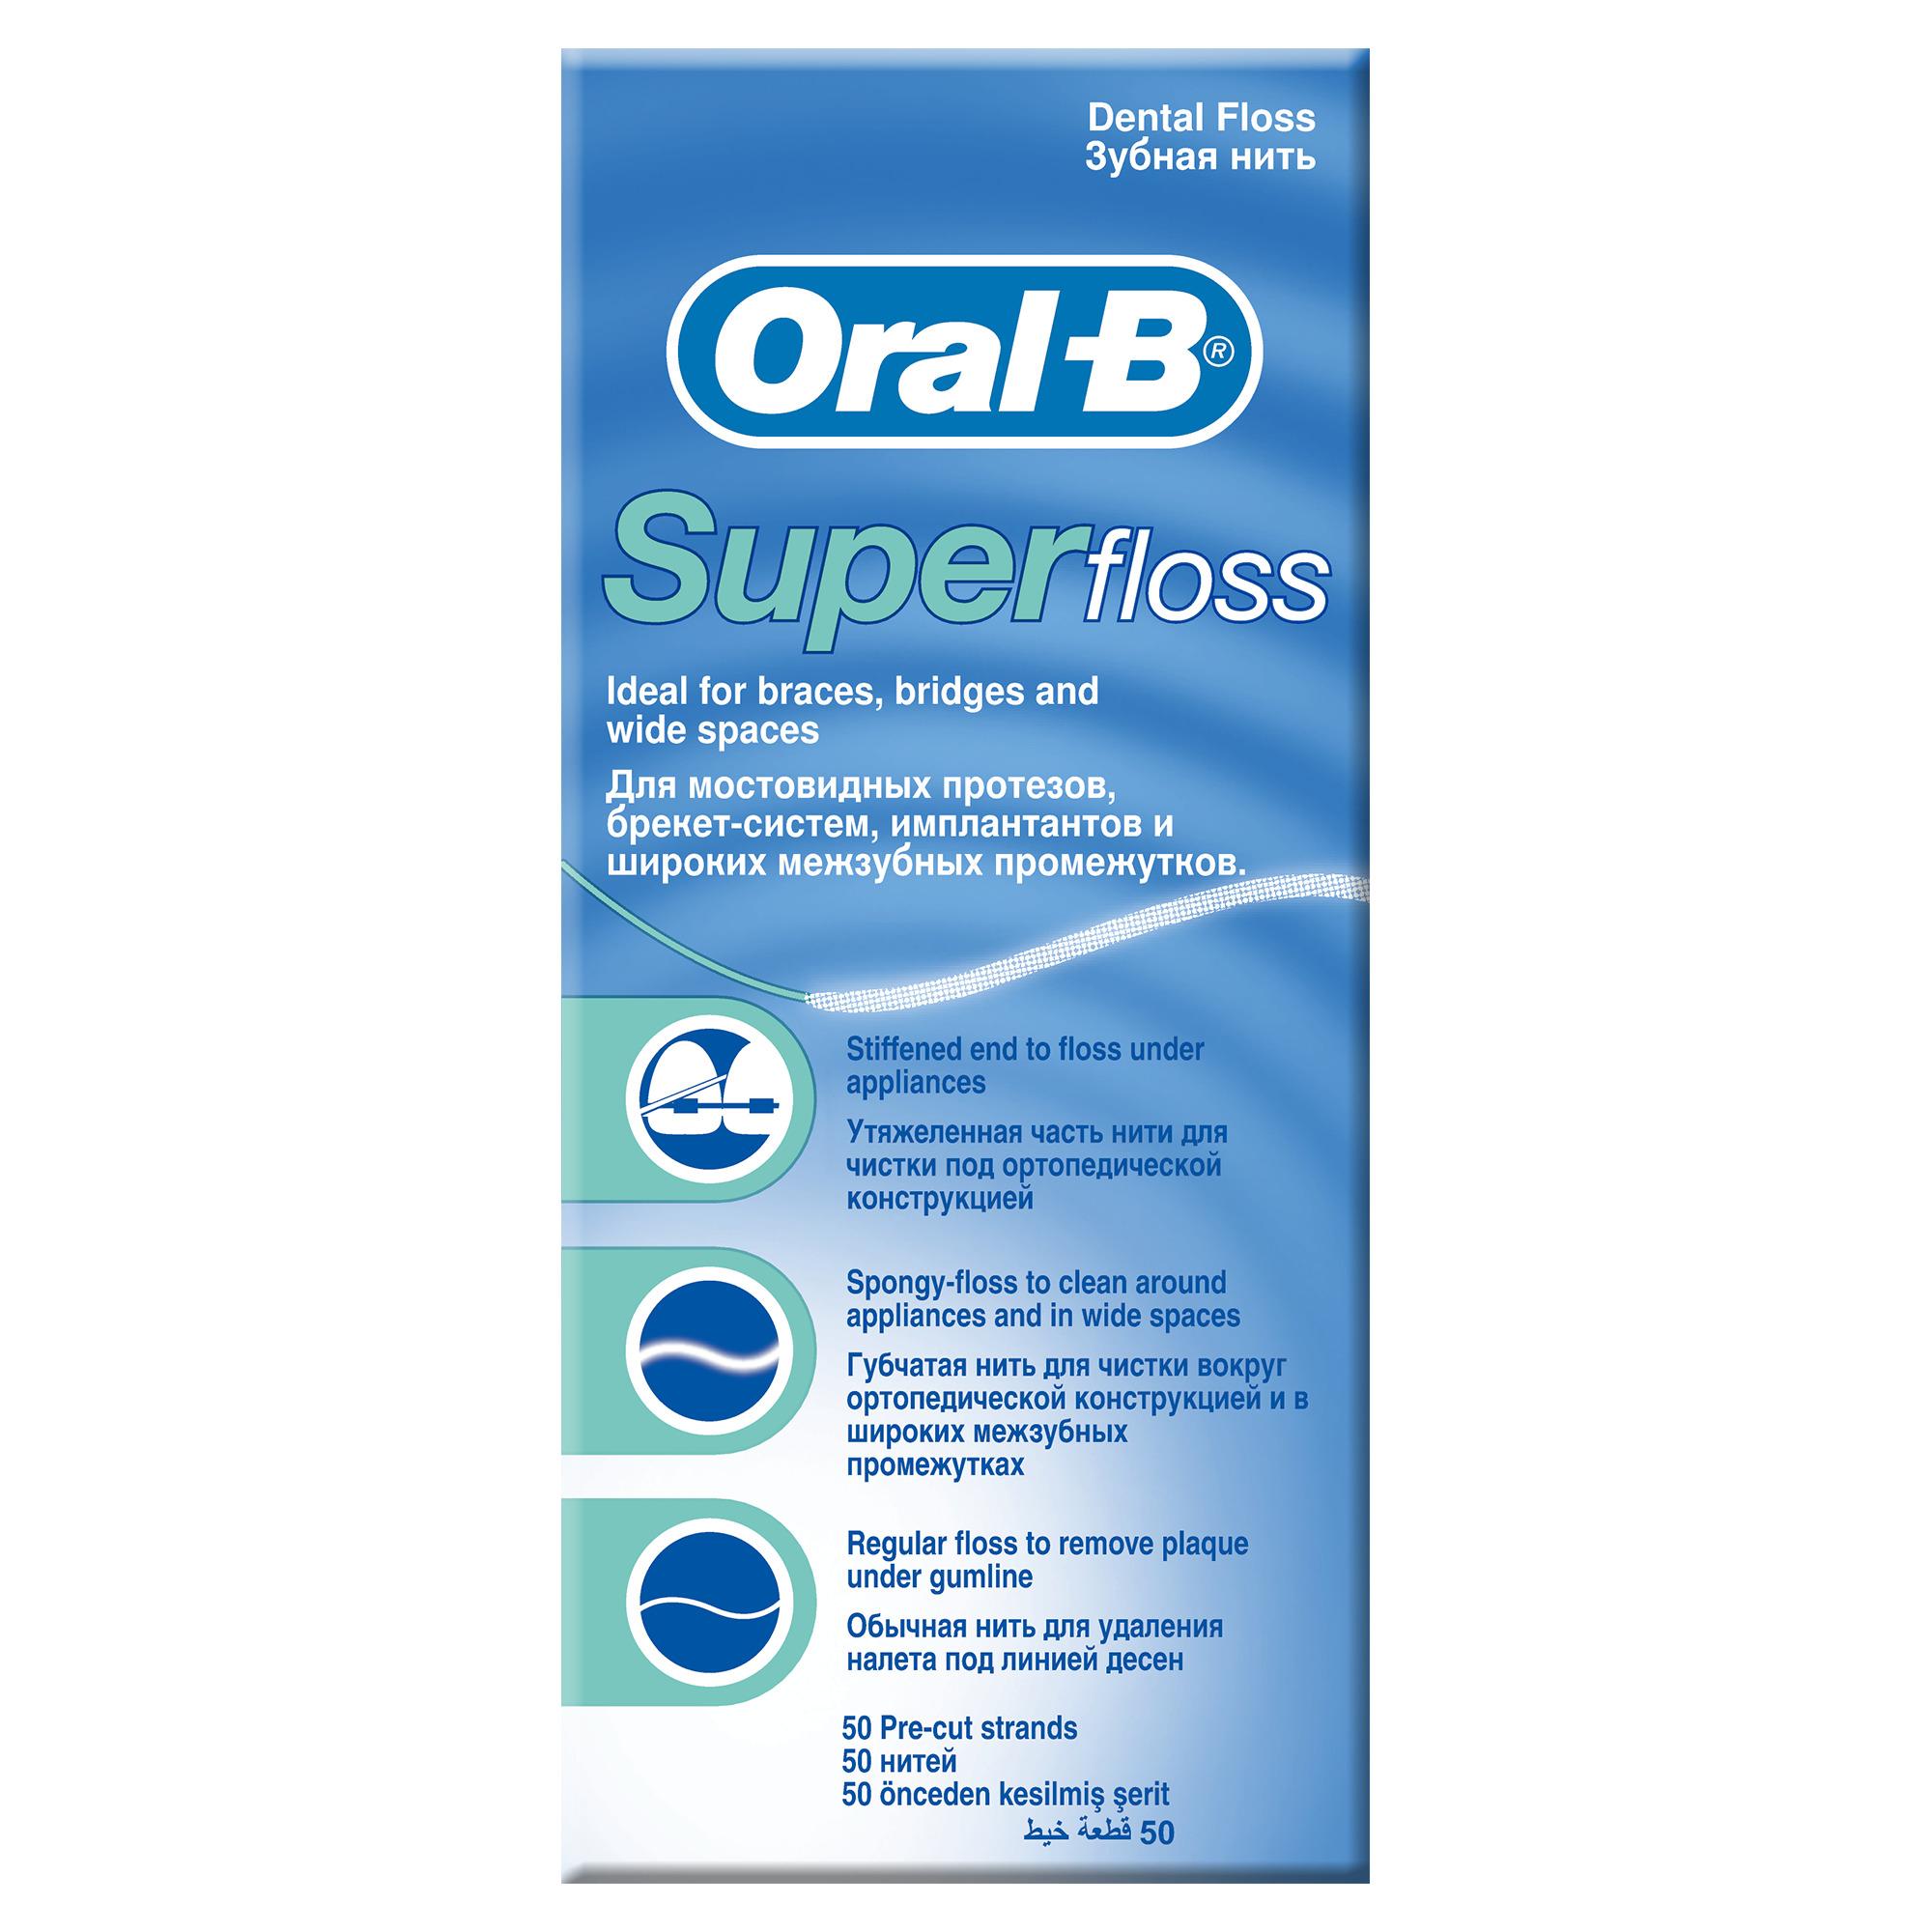 Зубная нить Oral-B Super Floss, 50 м.